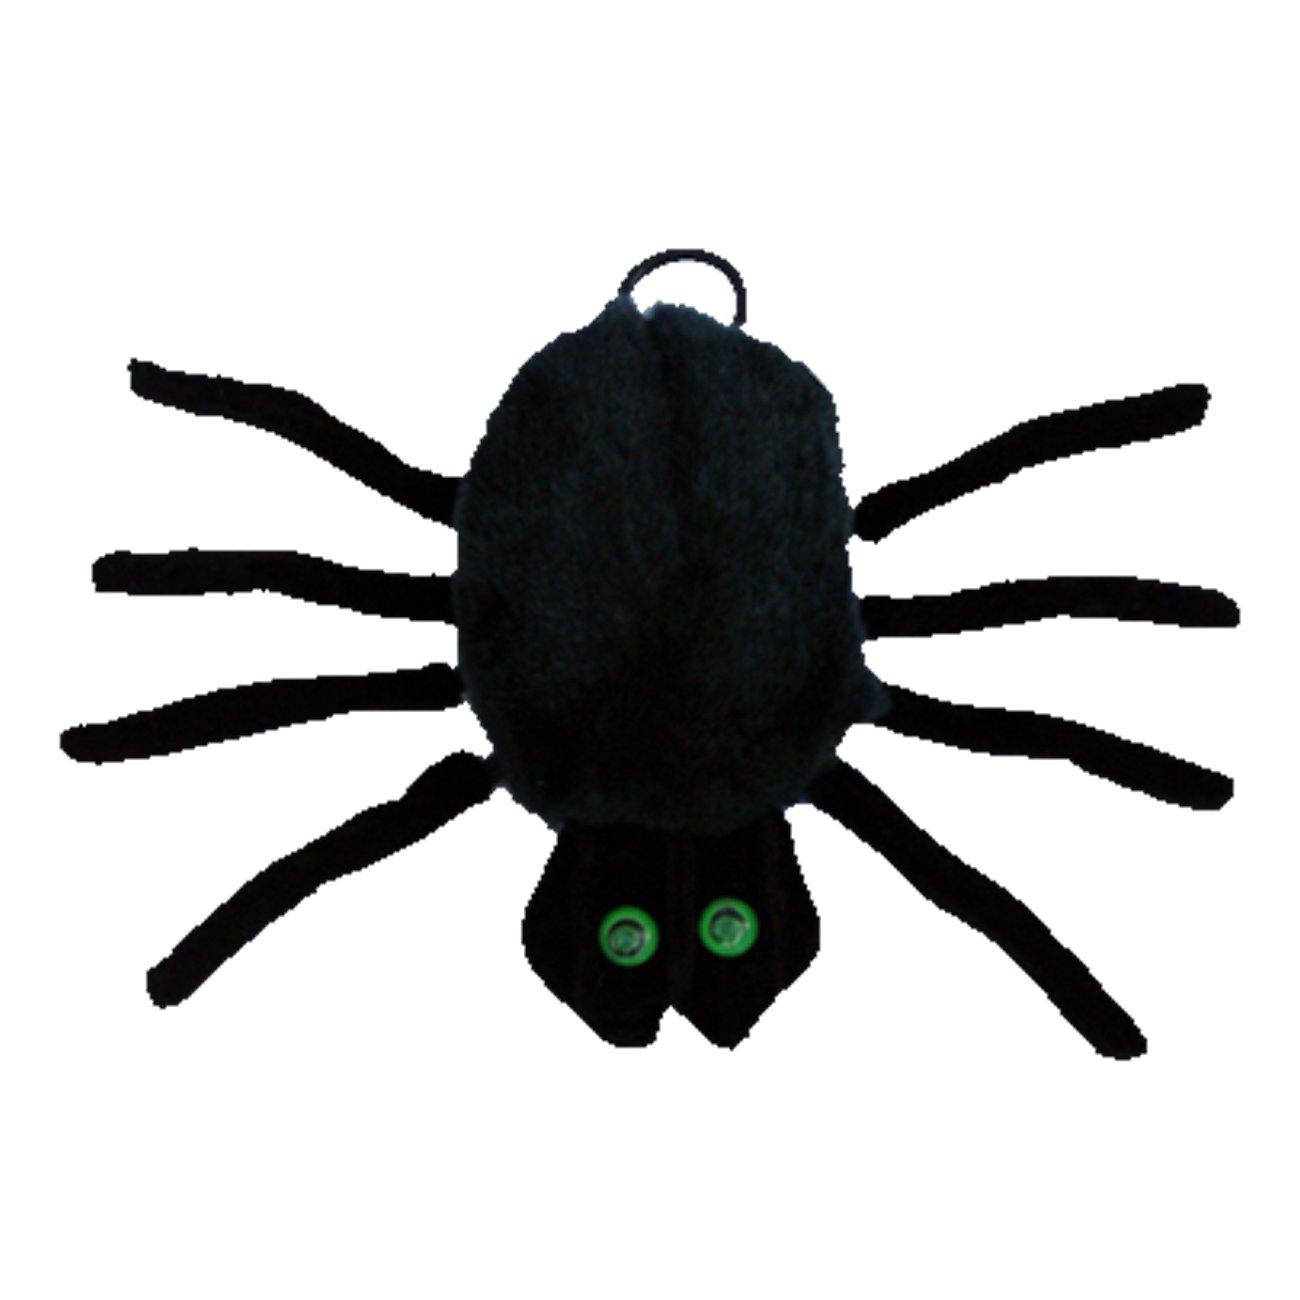 Spassprofi Riesengro/ße Sich bewegende Spinne Scherzartikel Halloween